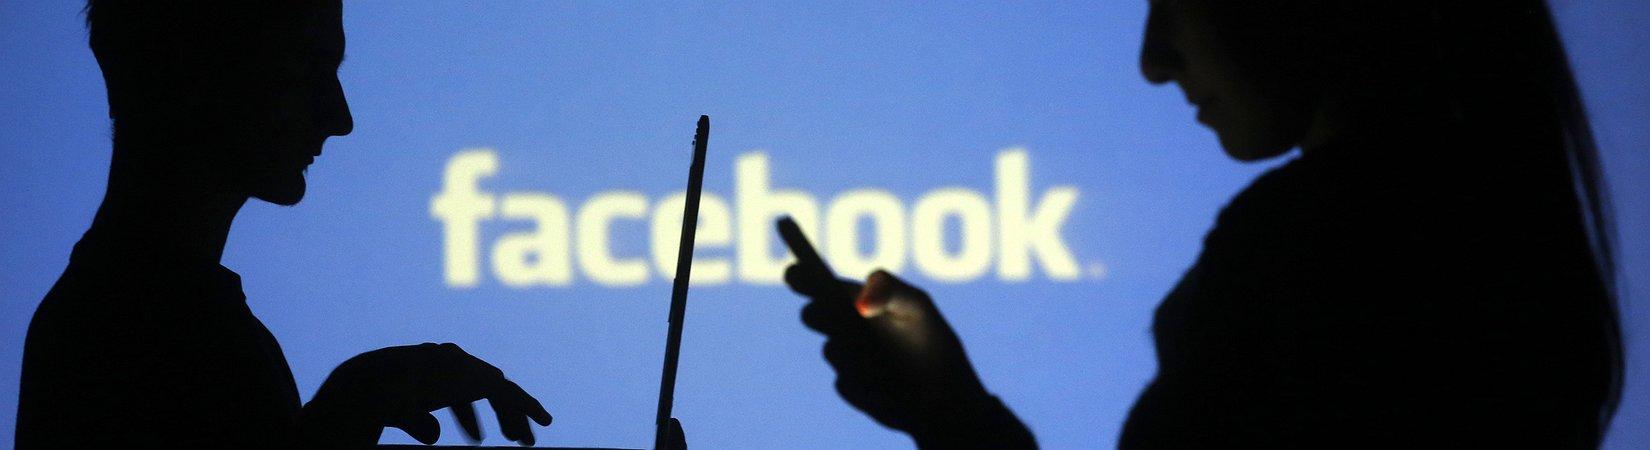 Arriva Watch, la tv social di Facebook